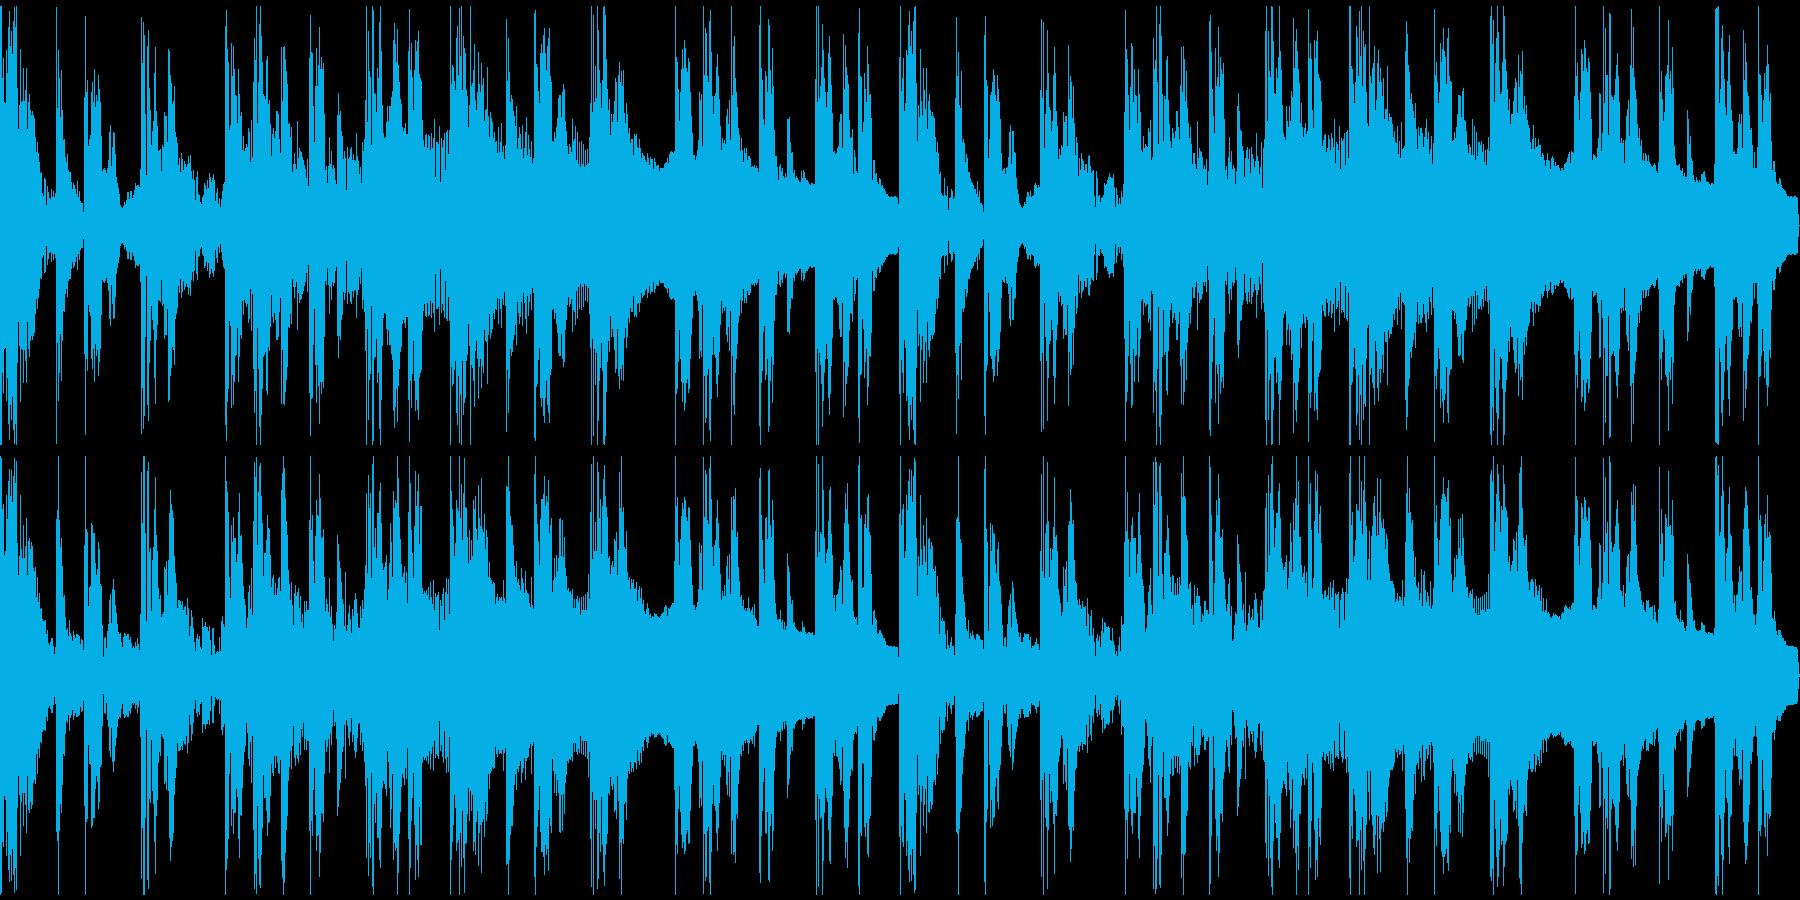 【エレクトロニカ】ロング3、ジングル1の再生済みの波形